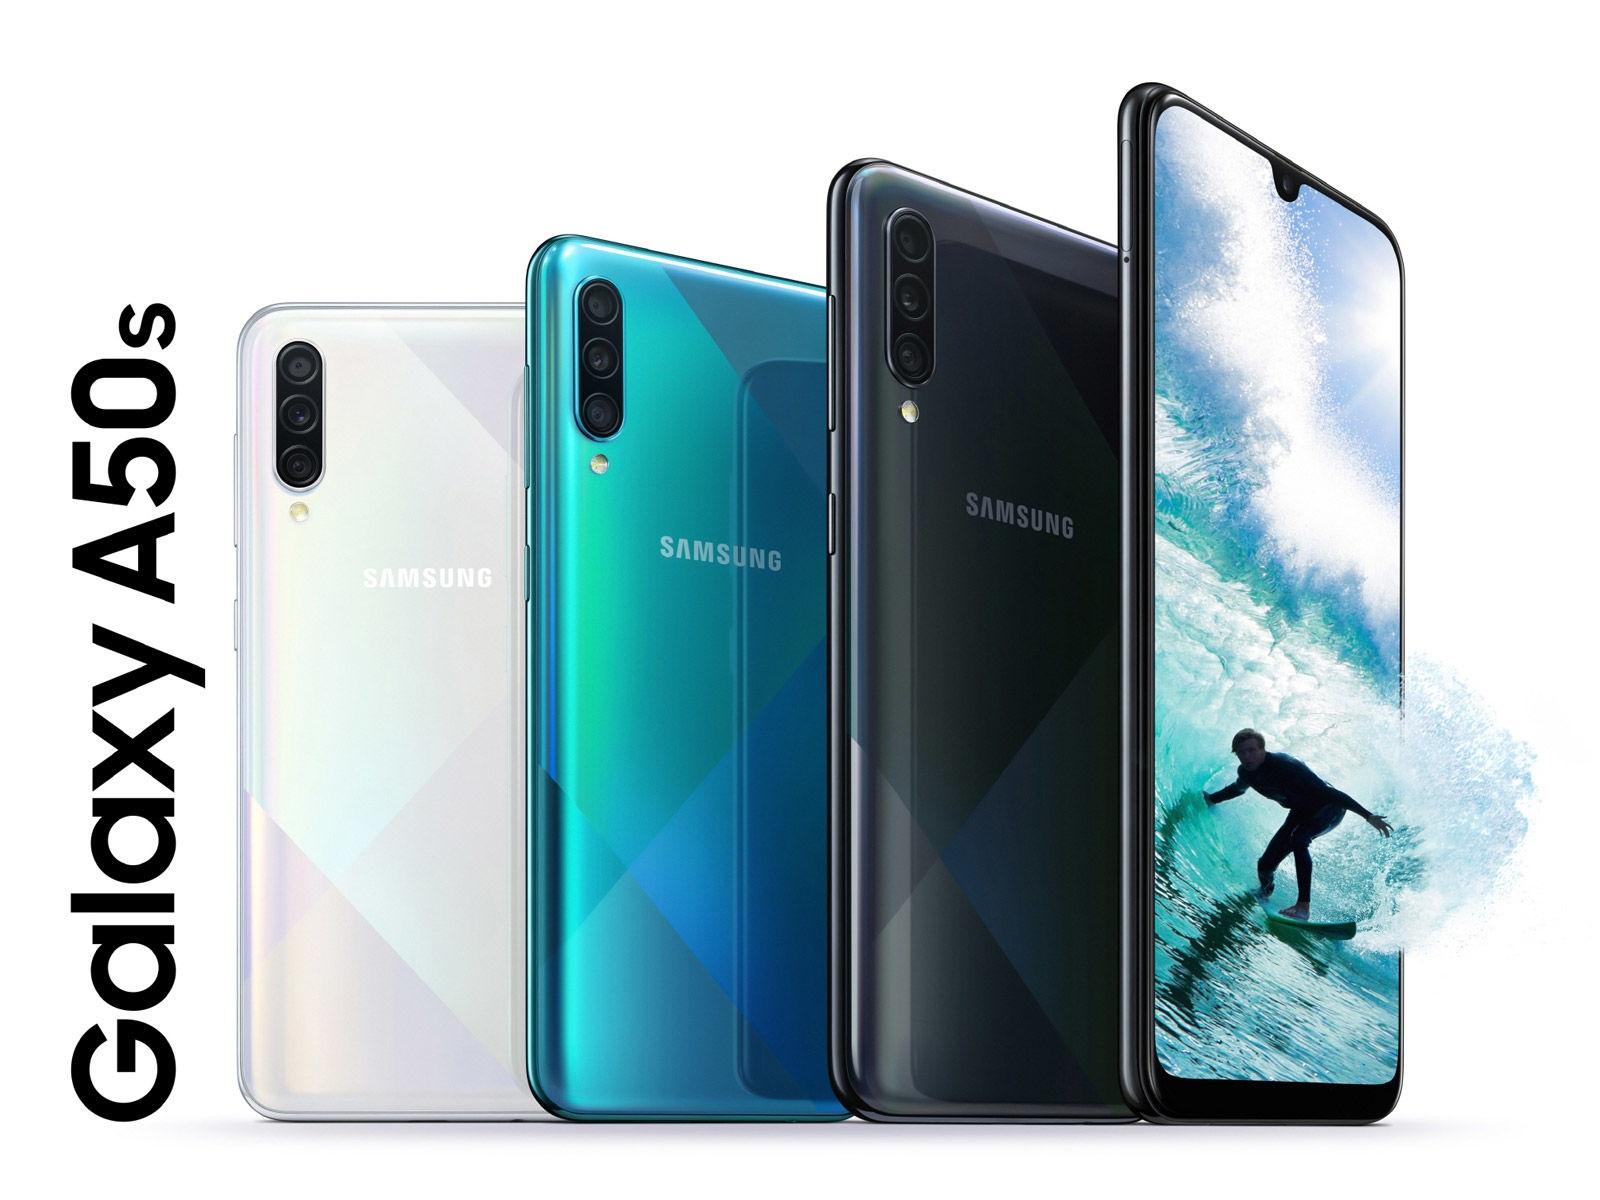 مواصفات هاتفي Samsung Galaxy A30s وGalaxy A50s أحدث هواتف Samsung متوسطة الفئة